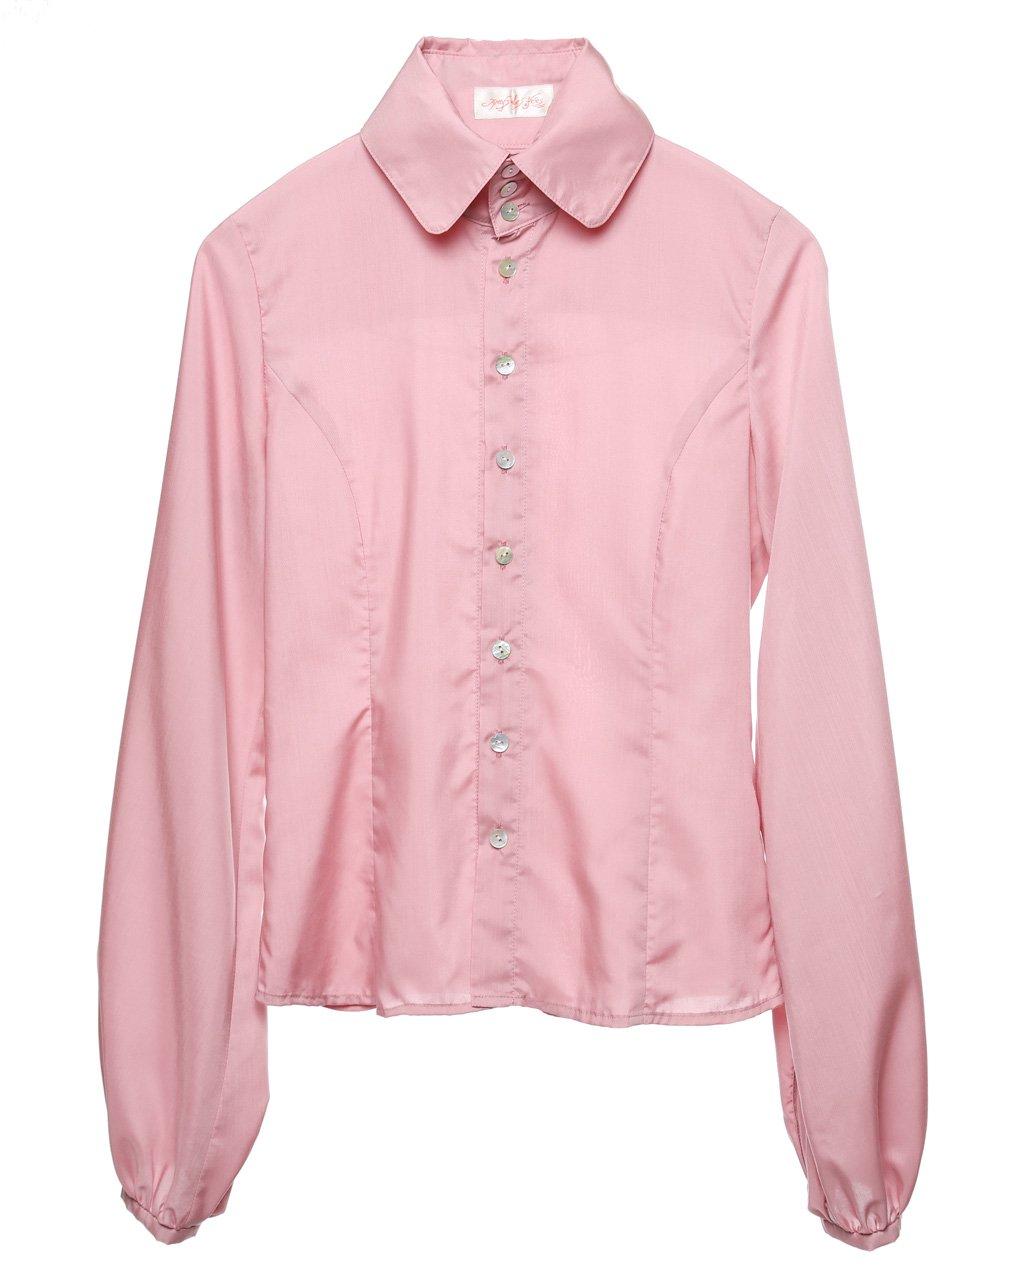 [ご予約]Balloon shirt (pink)[8月お届け]